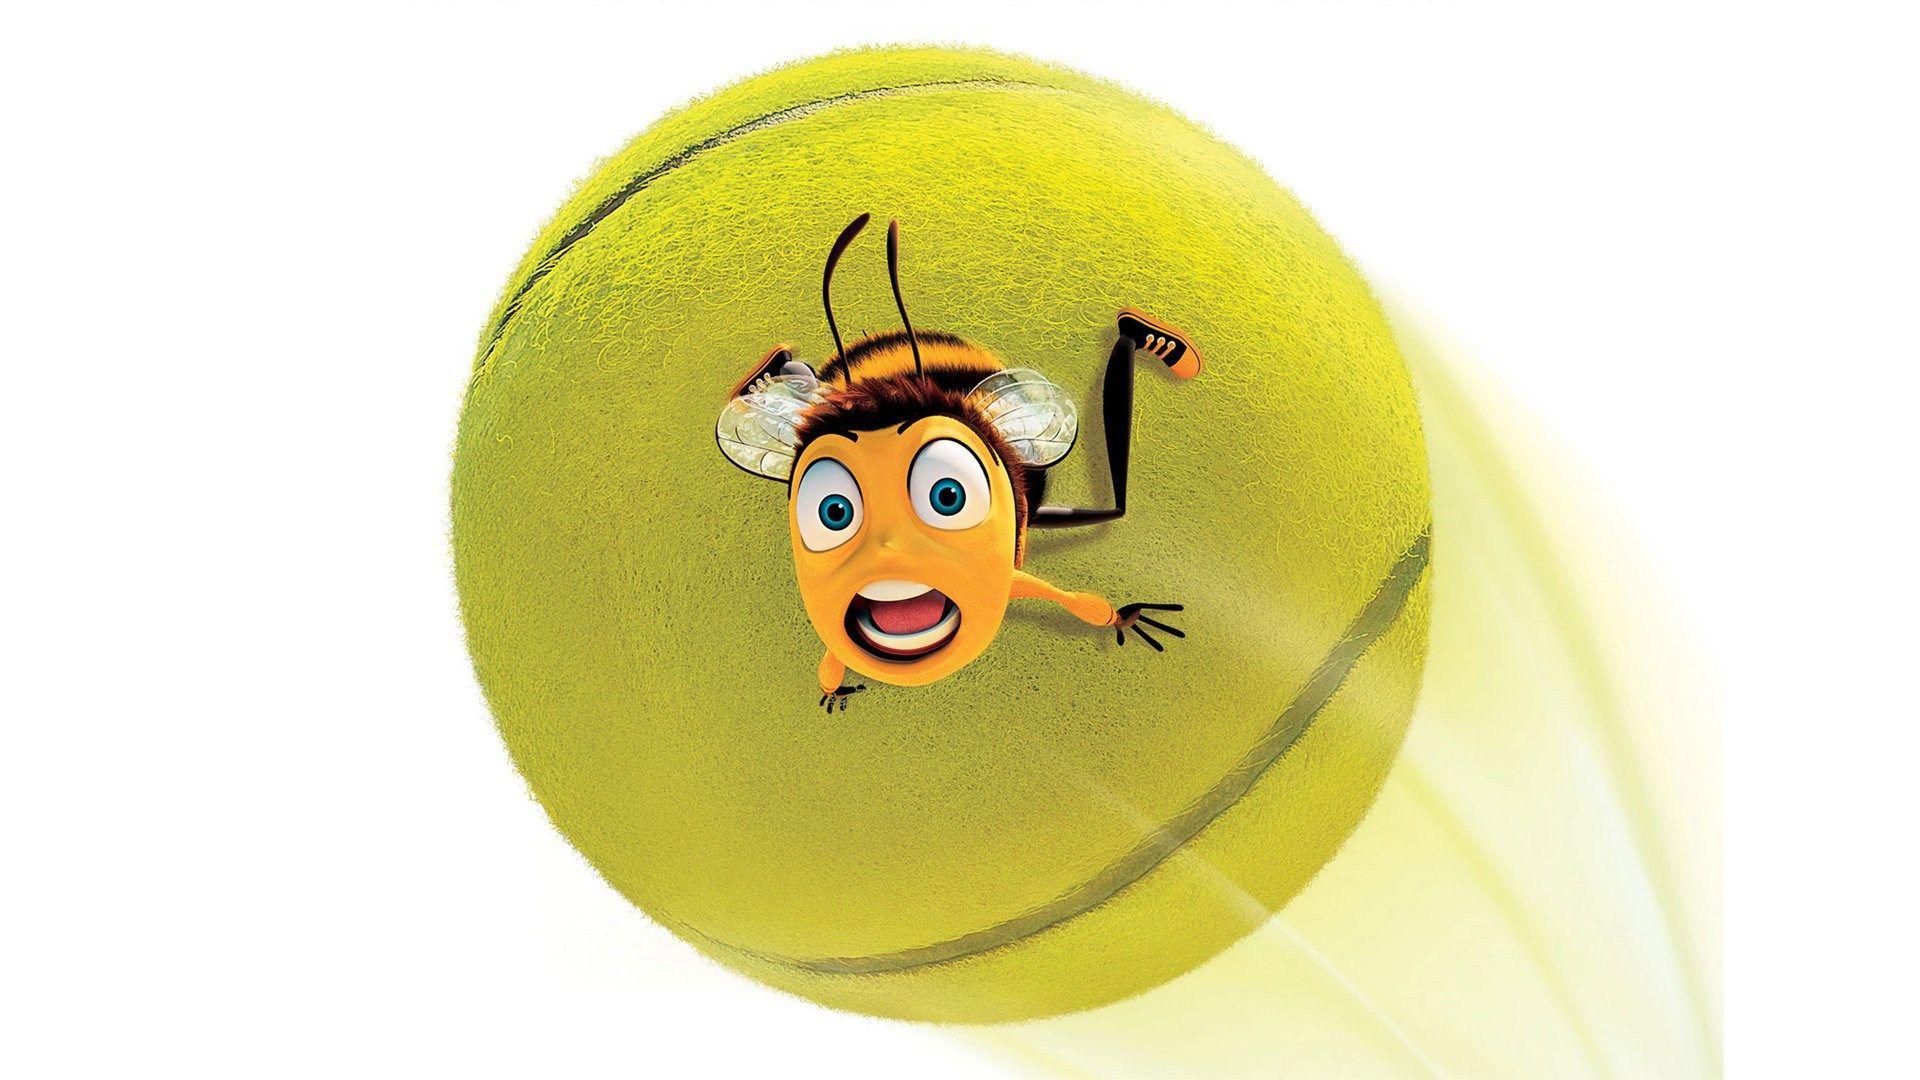 2017 03 21 Bee Movie Wallpaper For Desktop Background 1701857 Bee Movie Movie Wallpapers Bee Movie Memes